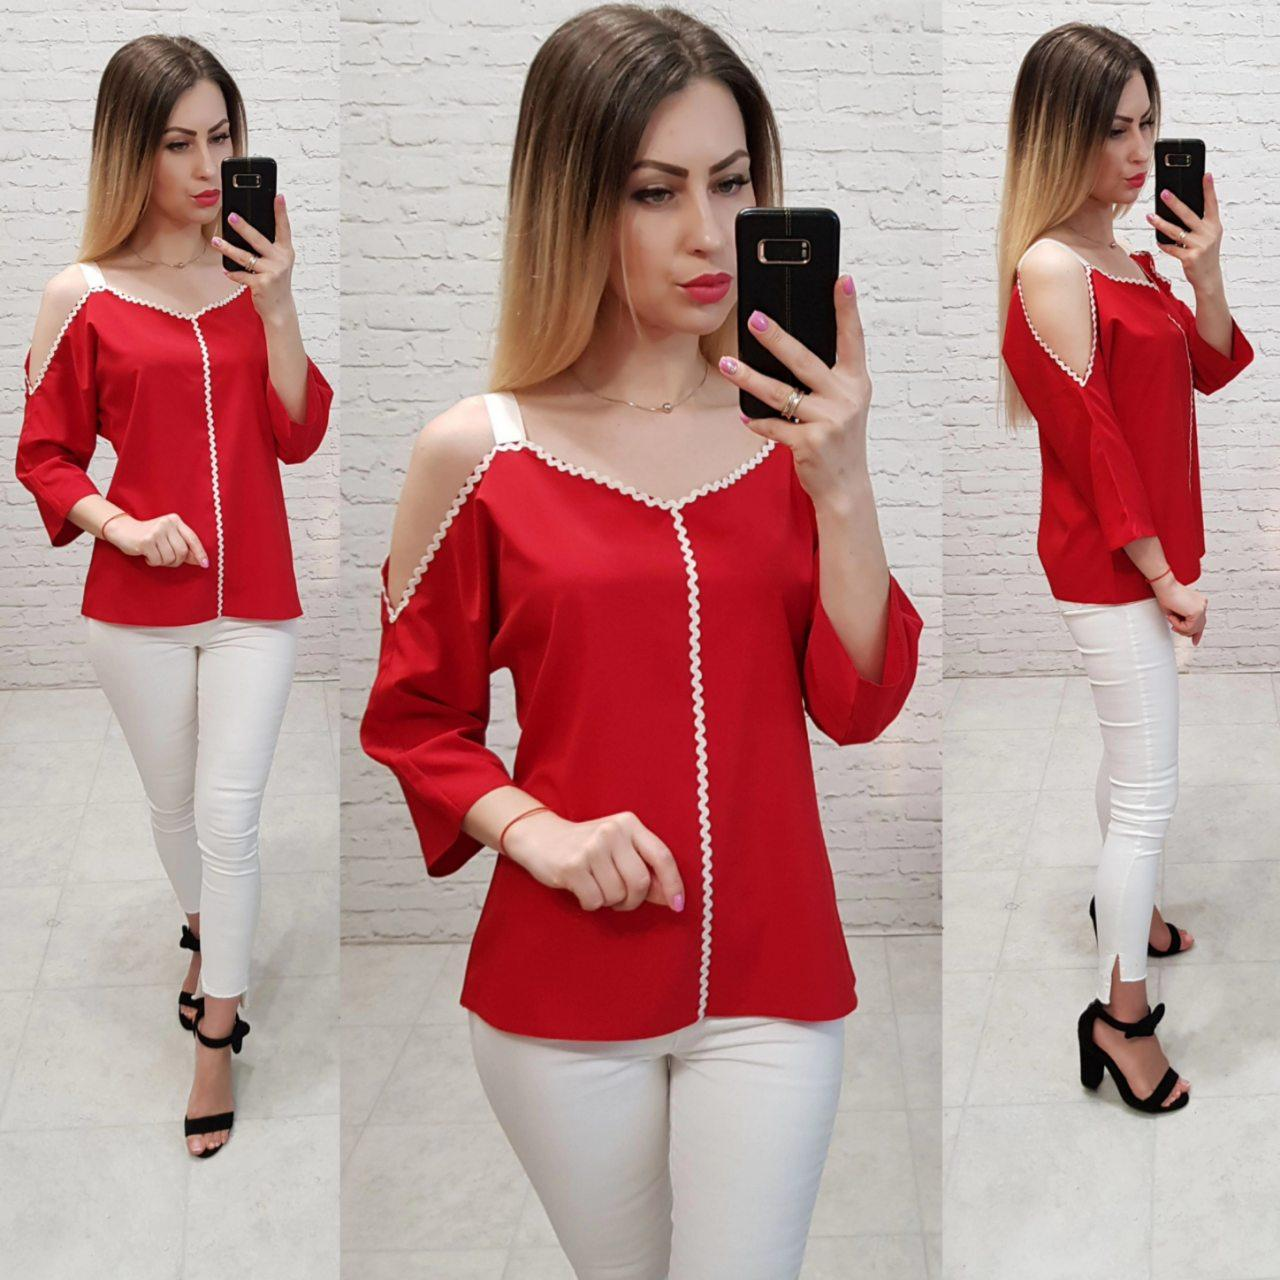 Блузка с тесьмой на горловине и открытыми плечами, арт 159, цвет красный